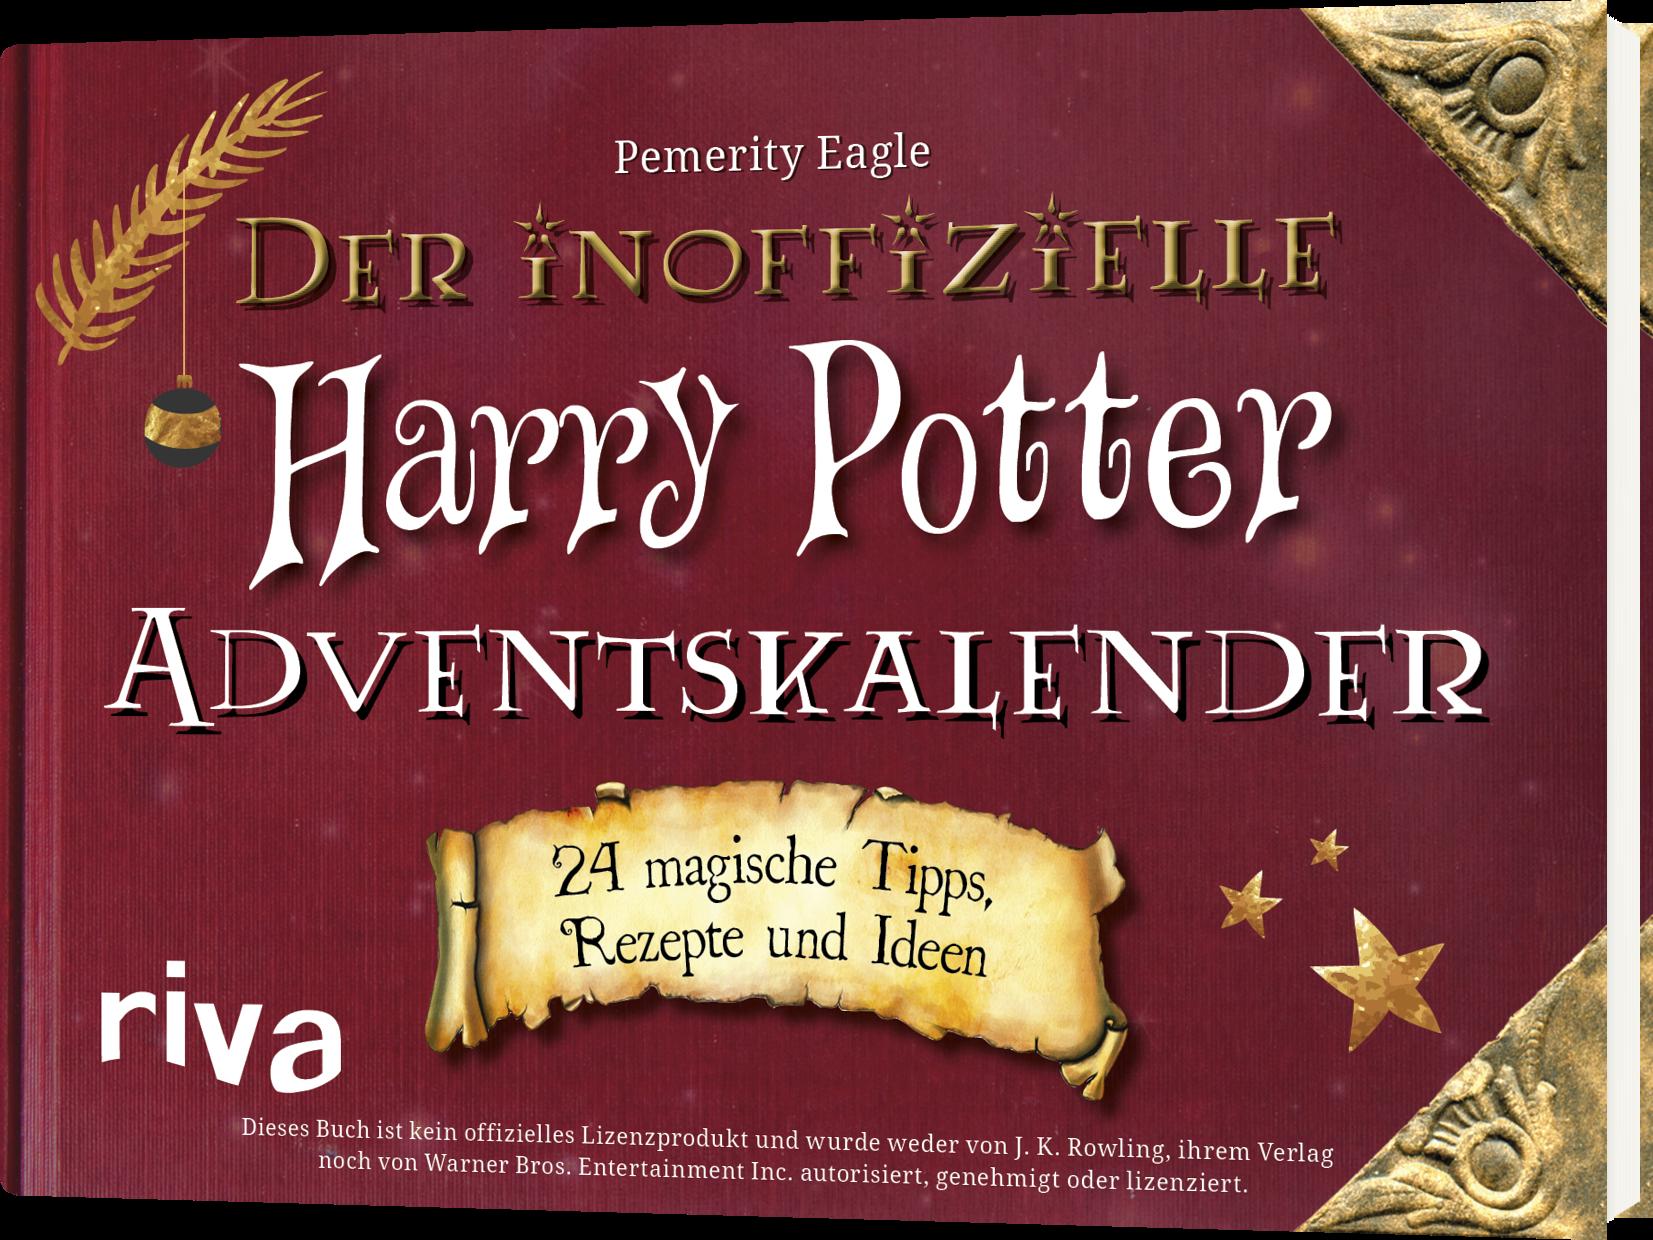 Weihnachtskalender Harry Potter.Der Inoffizielle Harry Potter Adventskalender 24 Magische Tipps